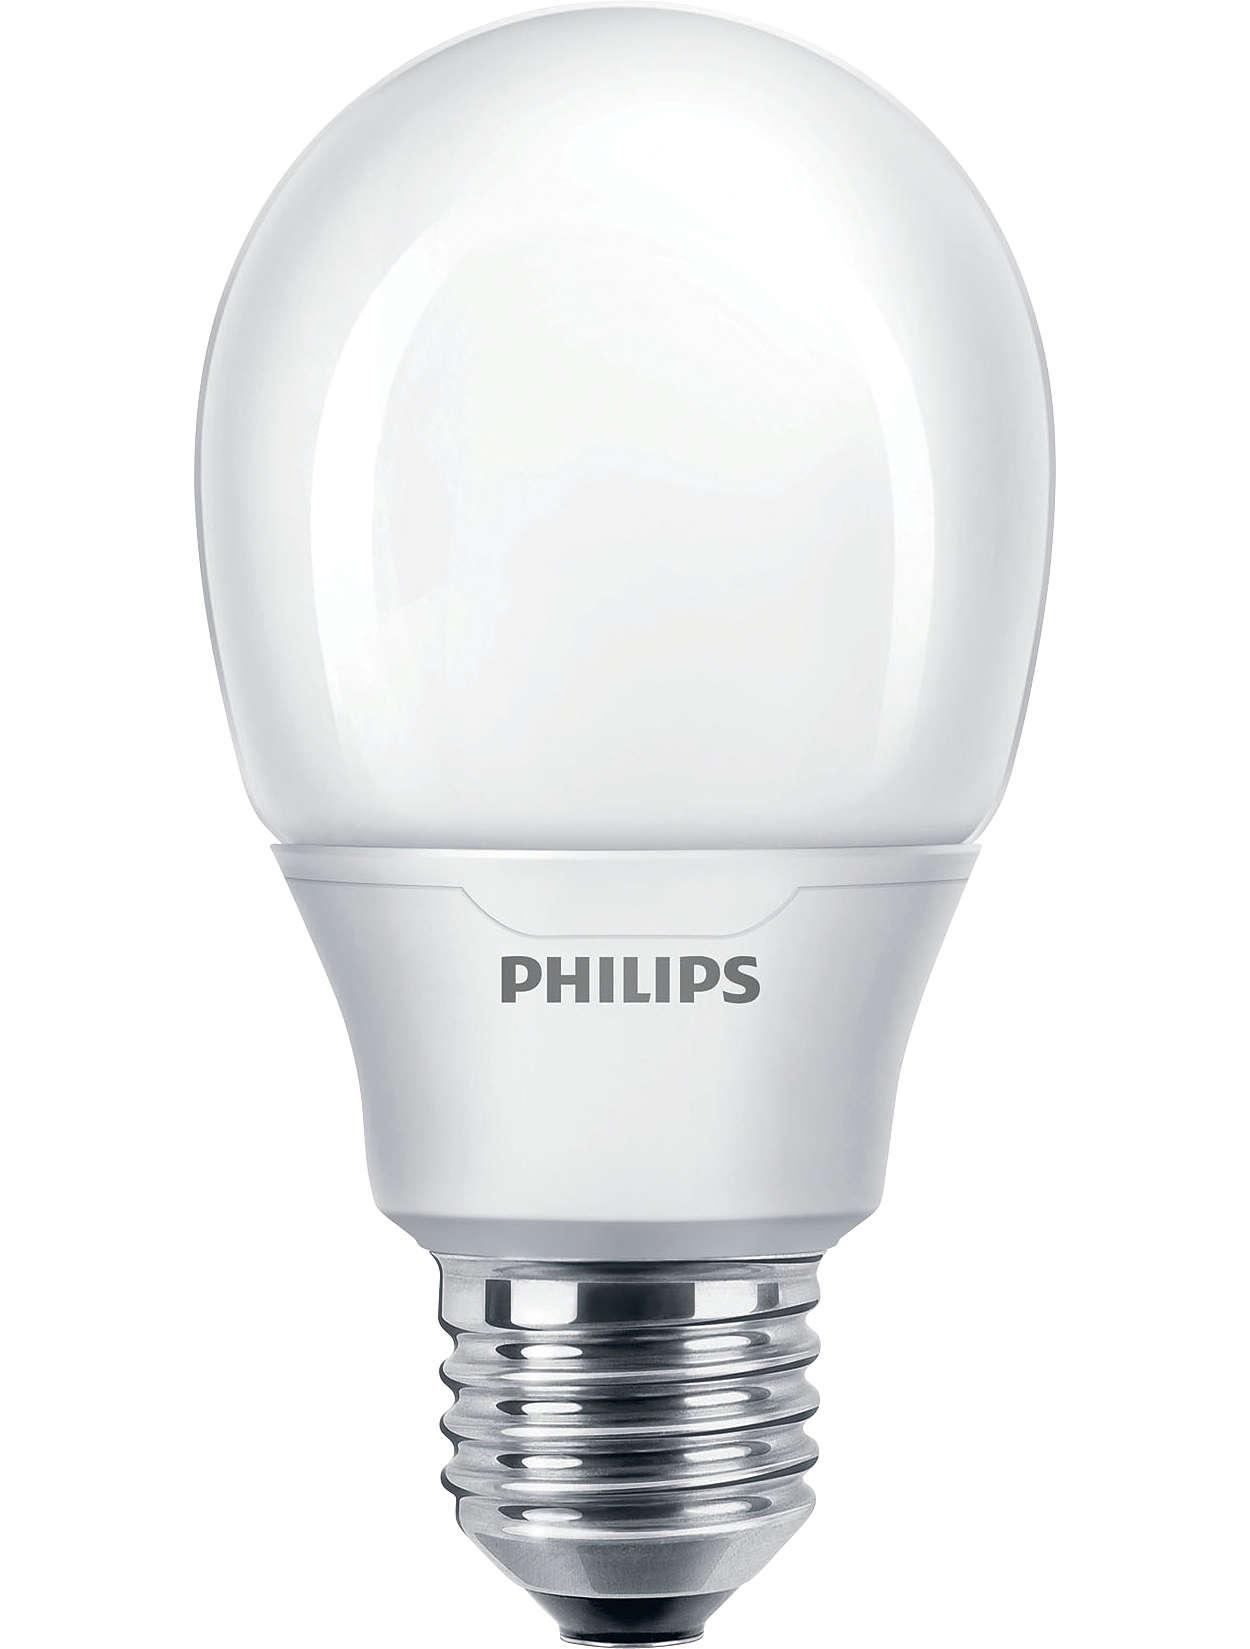 Bu Enerji Tasarruflu Lamba samimi ve sıcak bir ortam yaratır